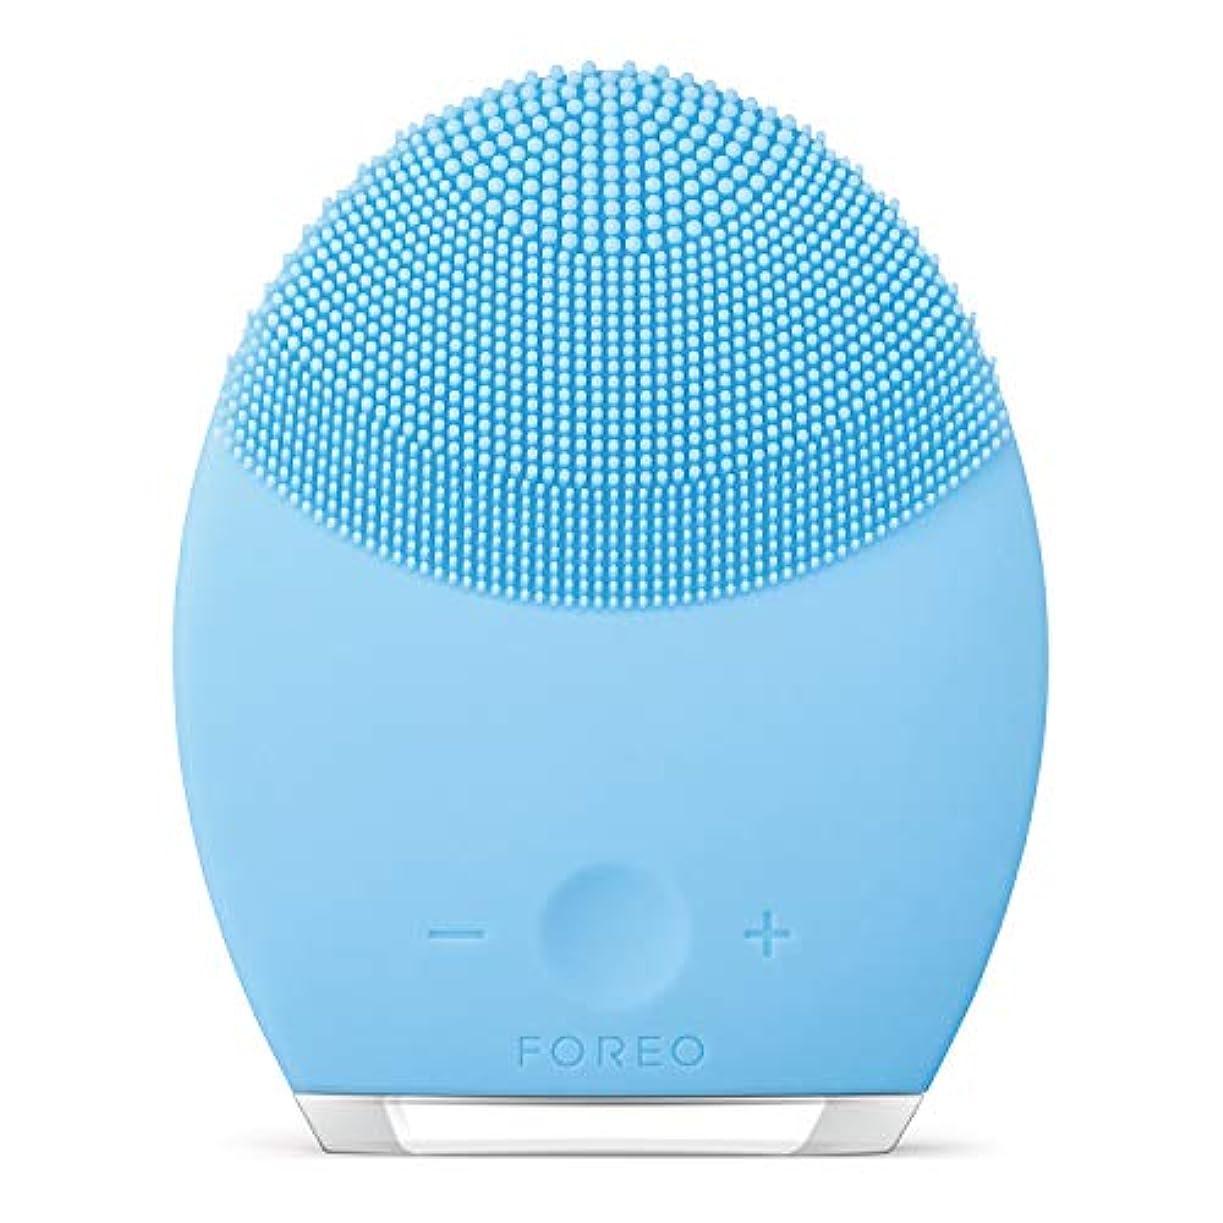 泣き叫ぶ不十分な批判的にFOREO LUNA 2 for コンビネーションスキン 電動洗顔ブラシ シリコーン製 音波振動 エイジングケア